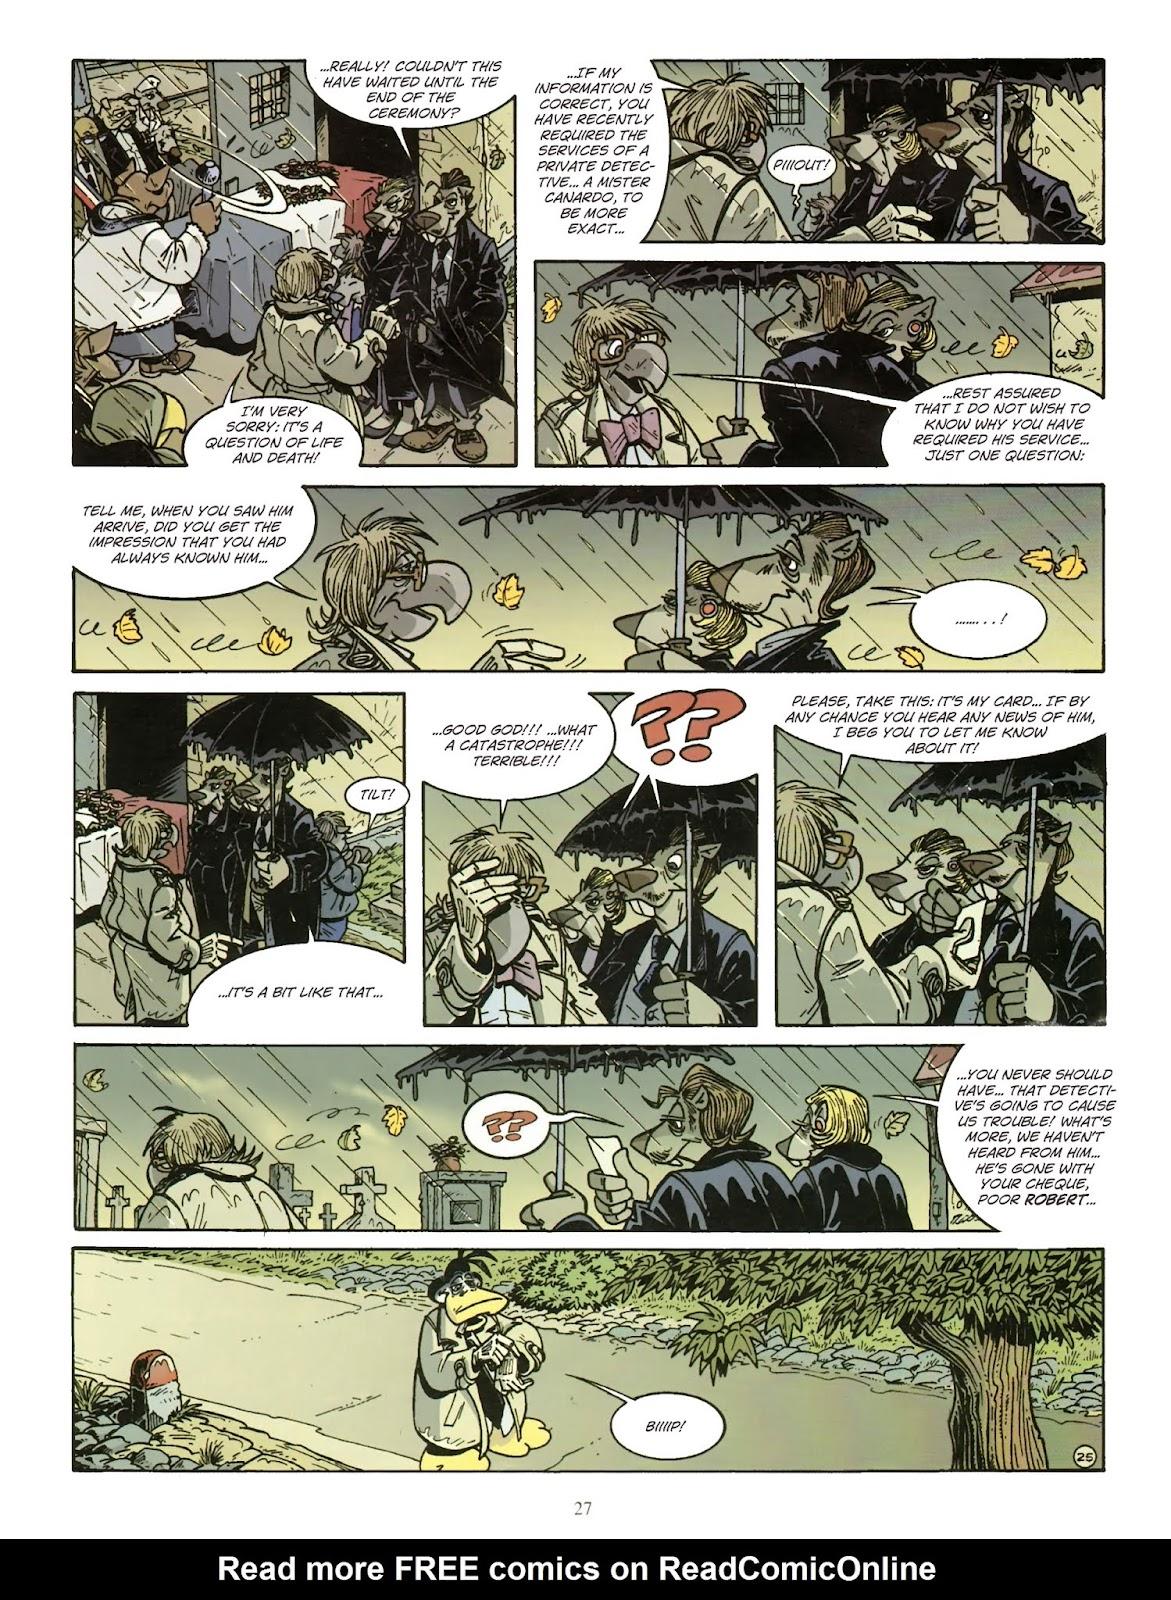 Une enquête de l'inspecteur Canardo issue 11 - Page 28